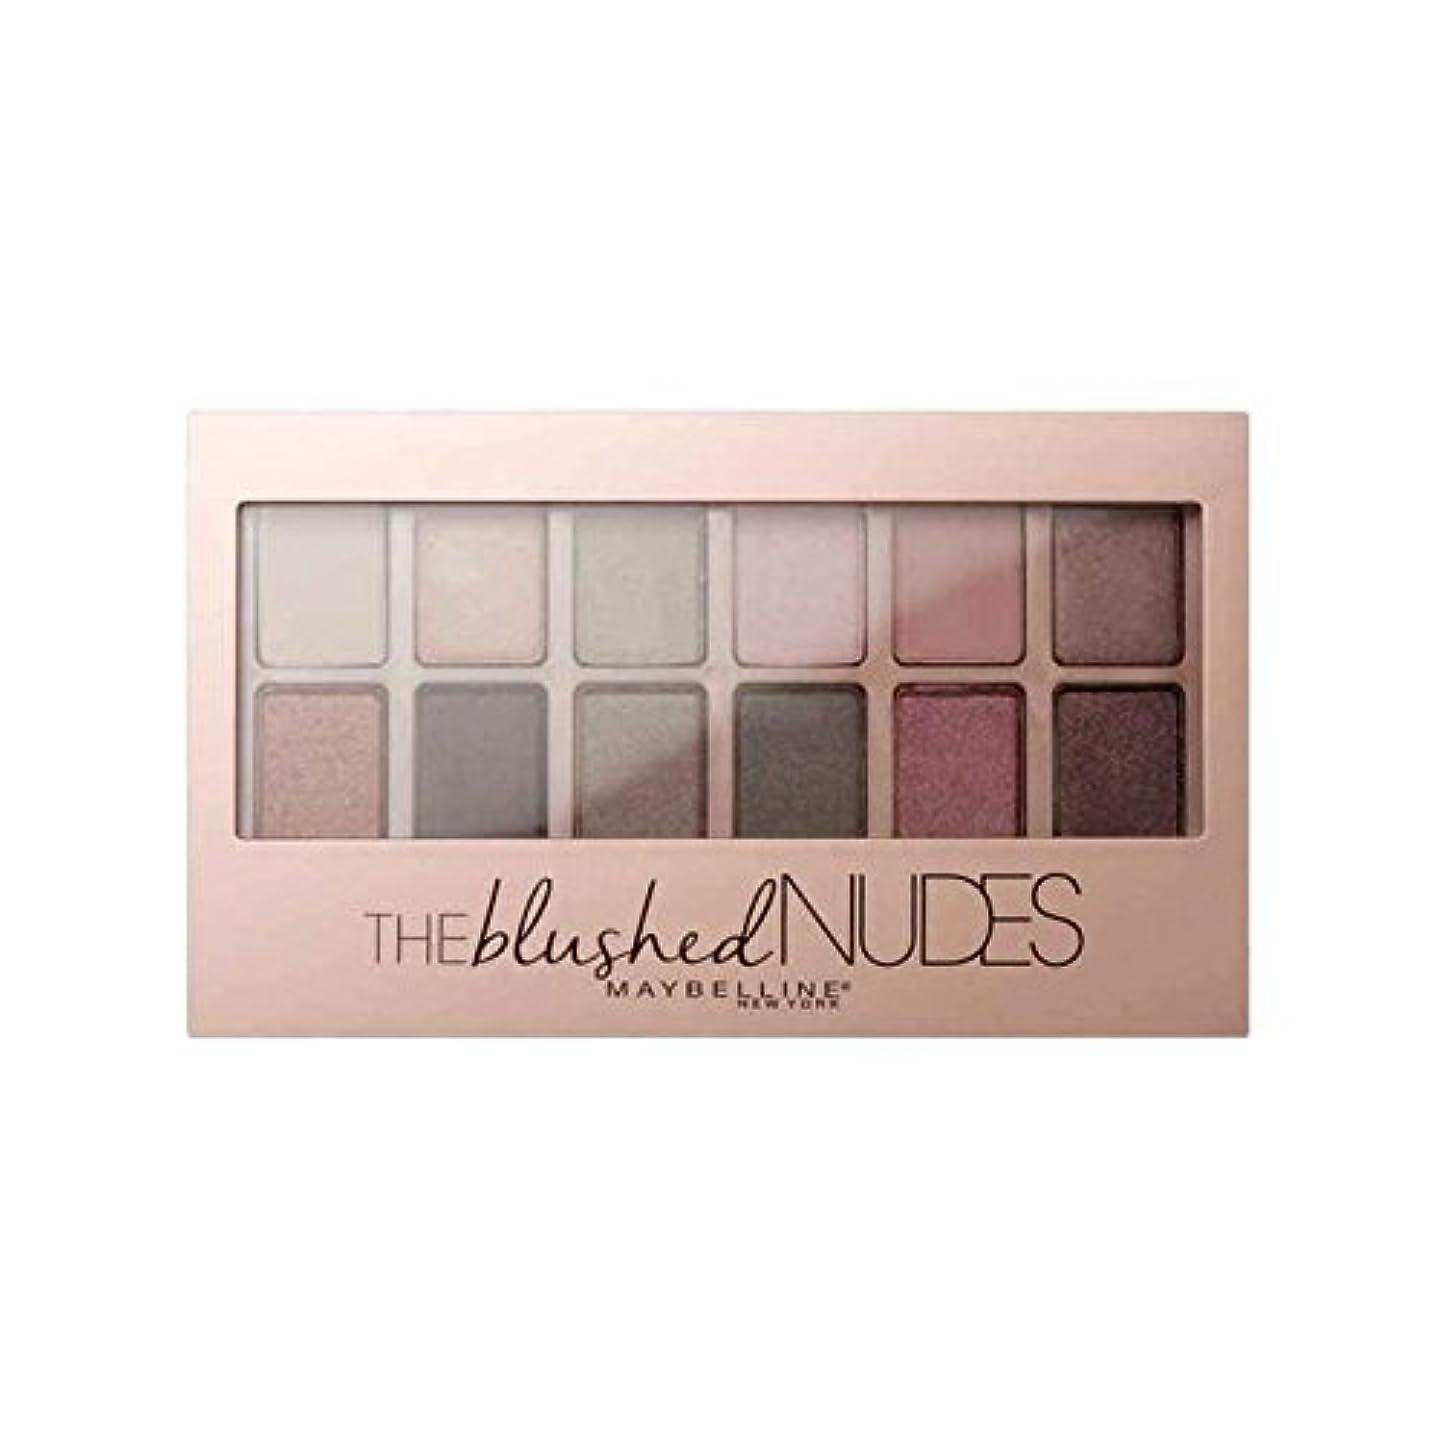 注入する重要な調子赤面ヌードアイシャドウパレットをメイベリン x2 - Maybelline The Blushed Nudes Eyeshadow Palette (Pack of 2) [並行輸入品]